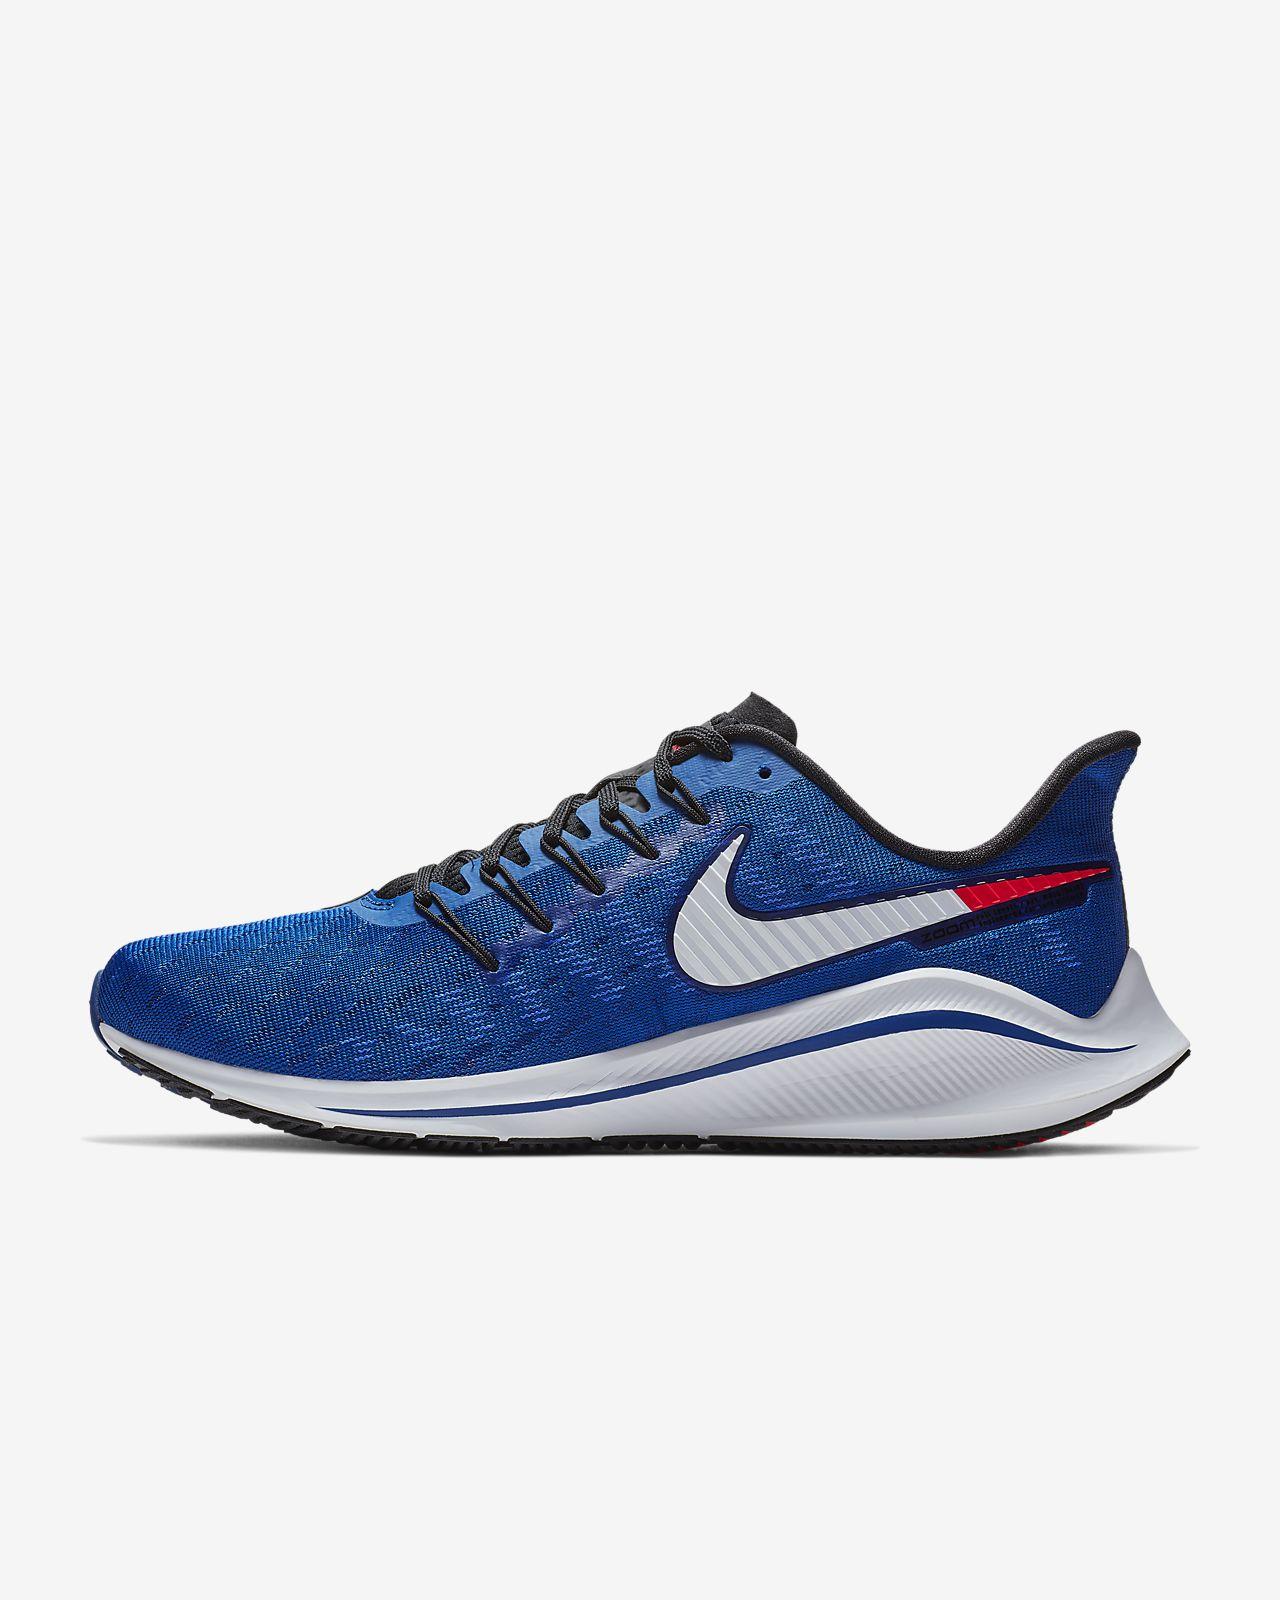 various colors 4b78f dd9e0 ... Löparsko Nike Air Zoom Vomero 14 för män